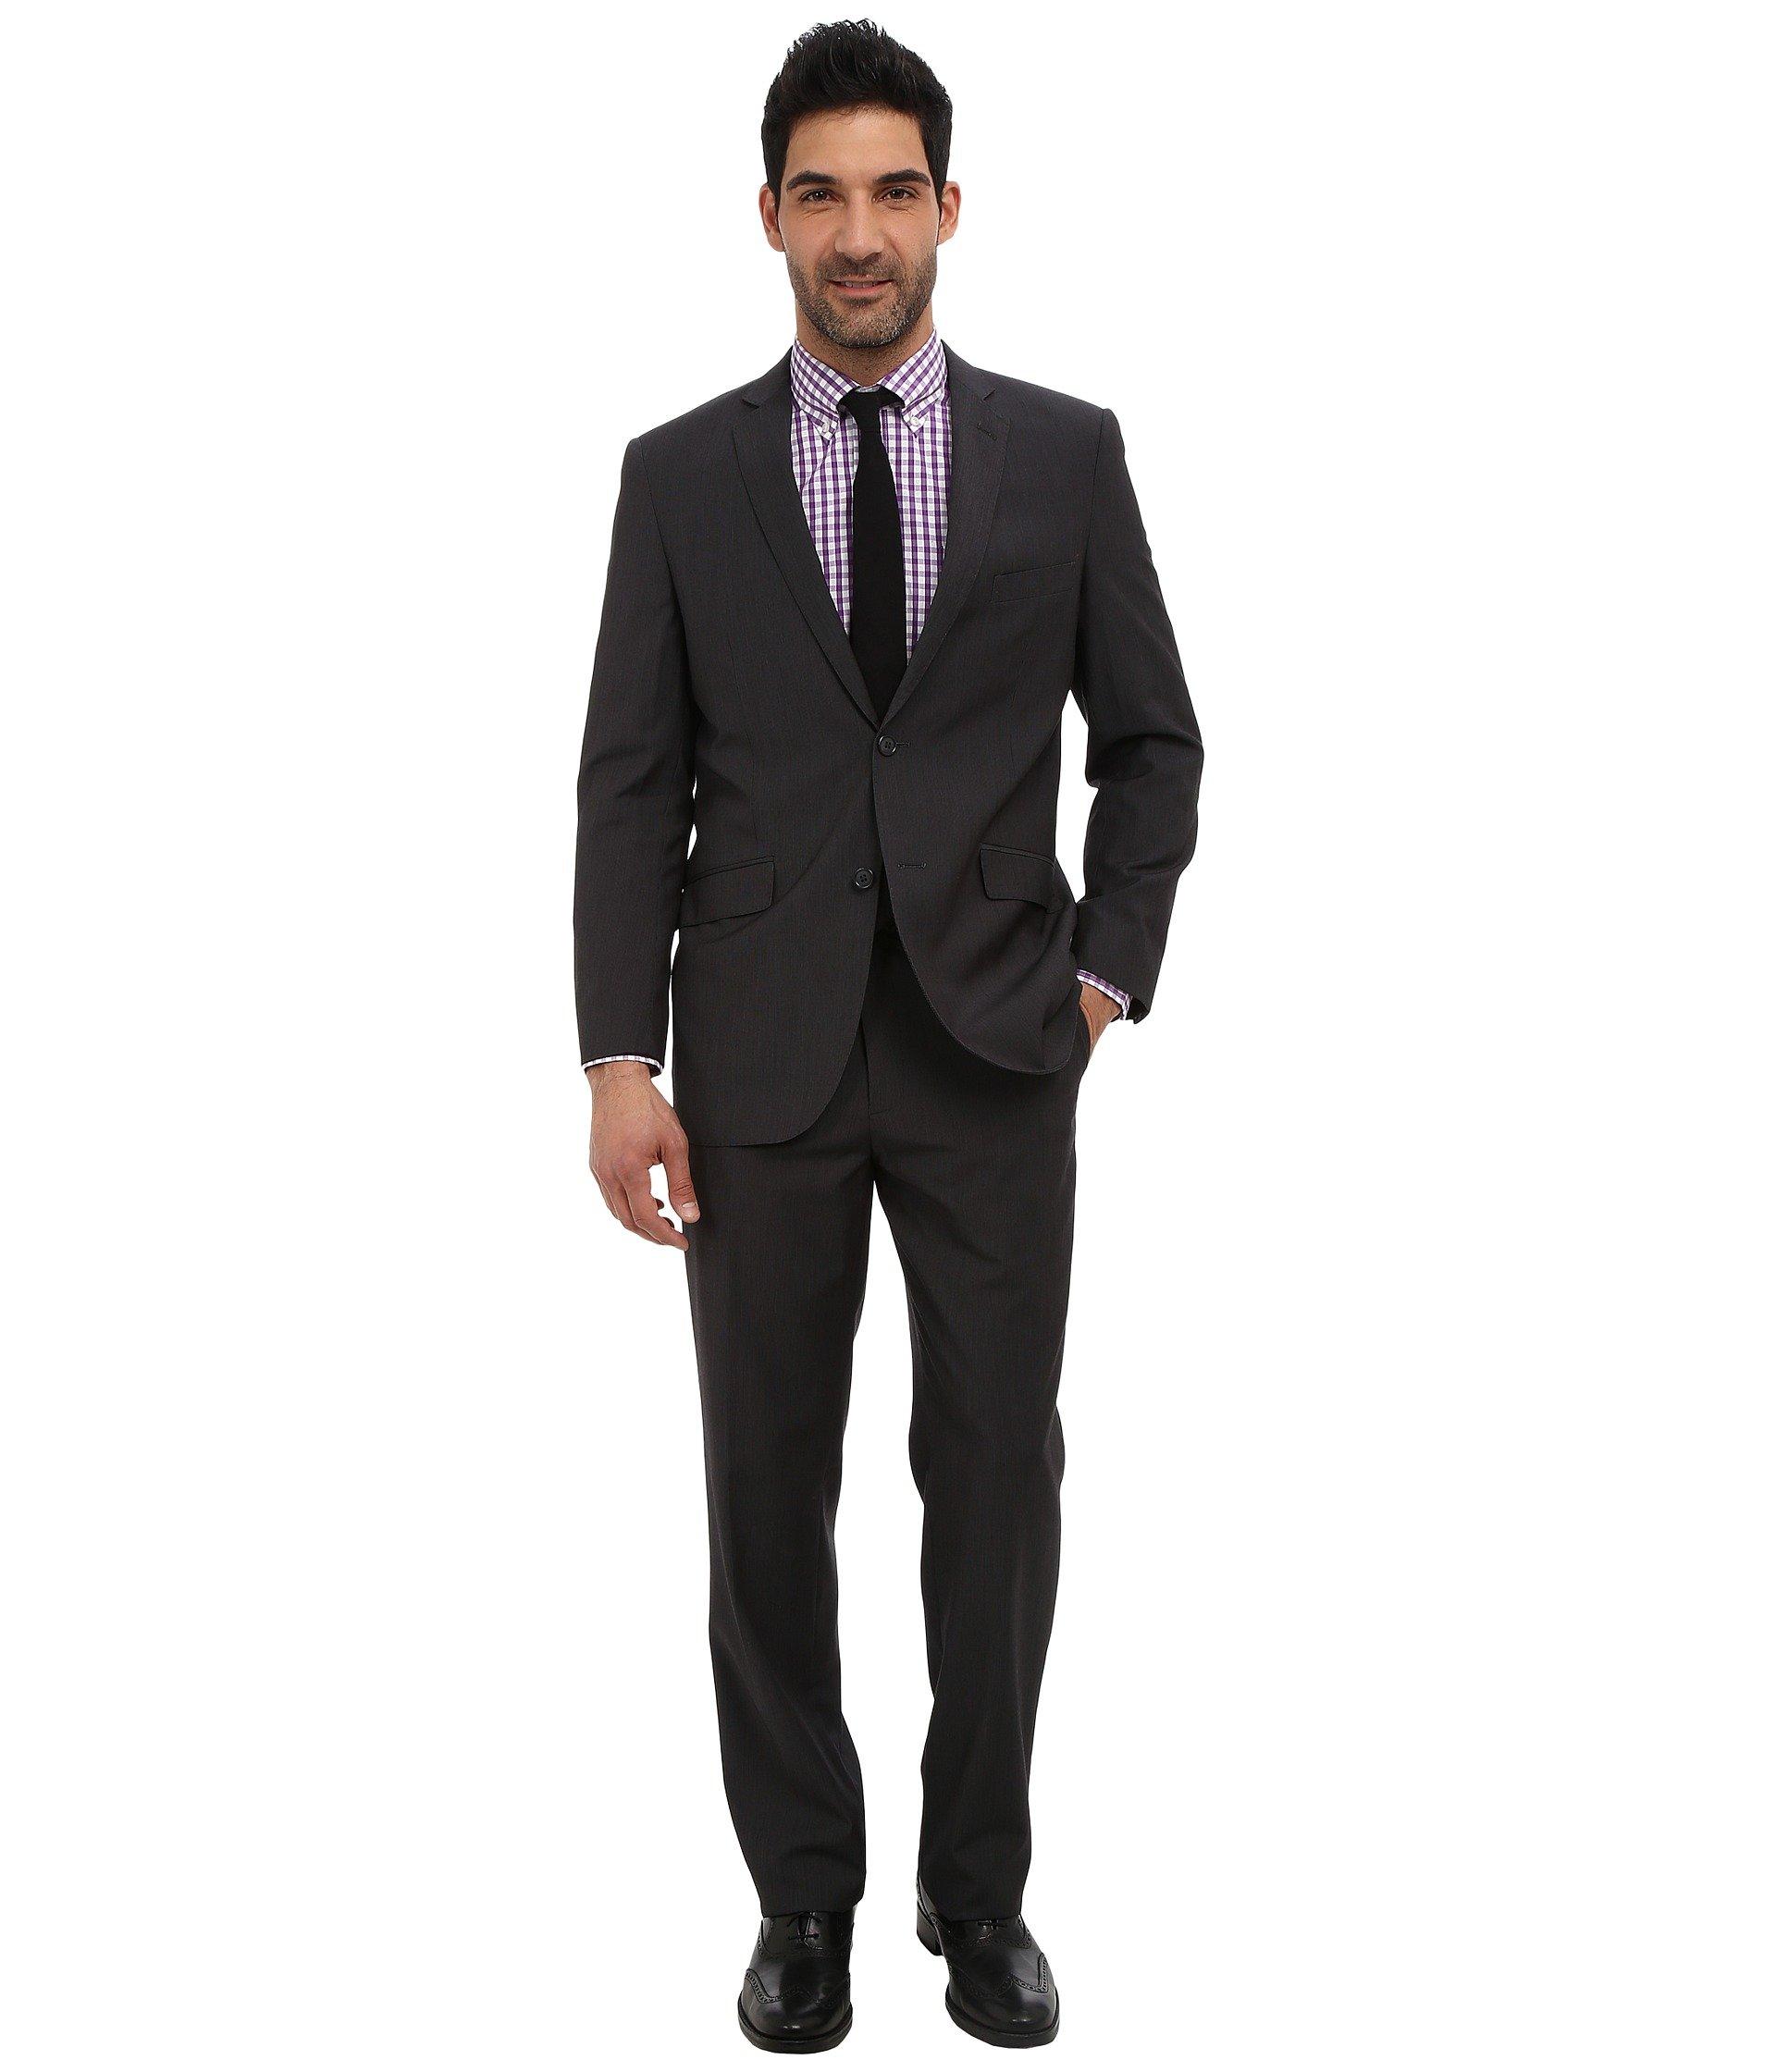 Vestido para Hombre U.S. POLO ASSN. Micro Shape Solid Suit  + U.S. POLO ASSN. en VeoyCompro.net